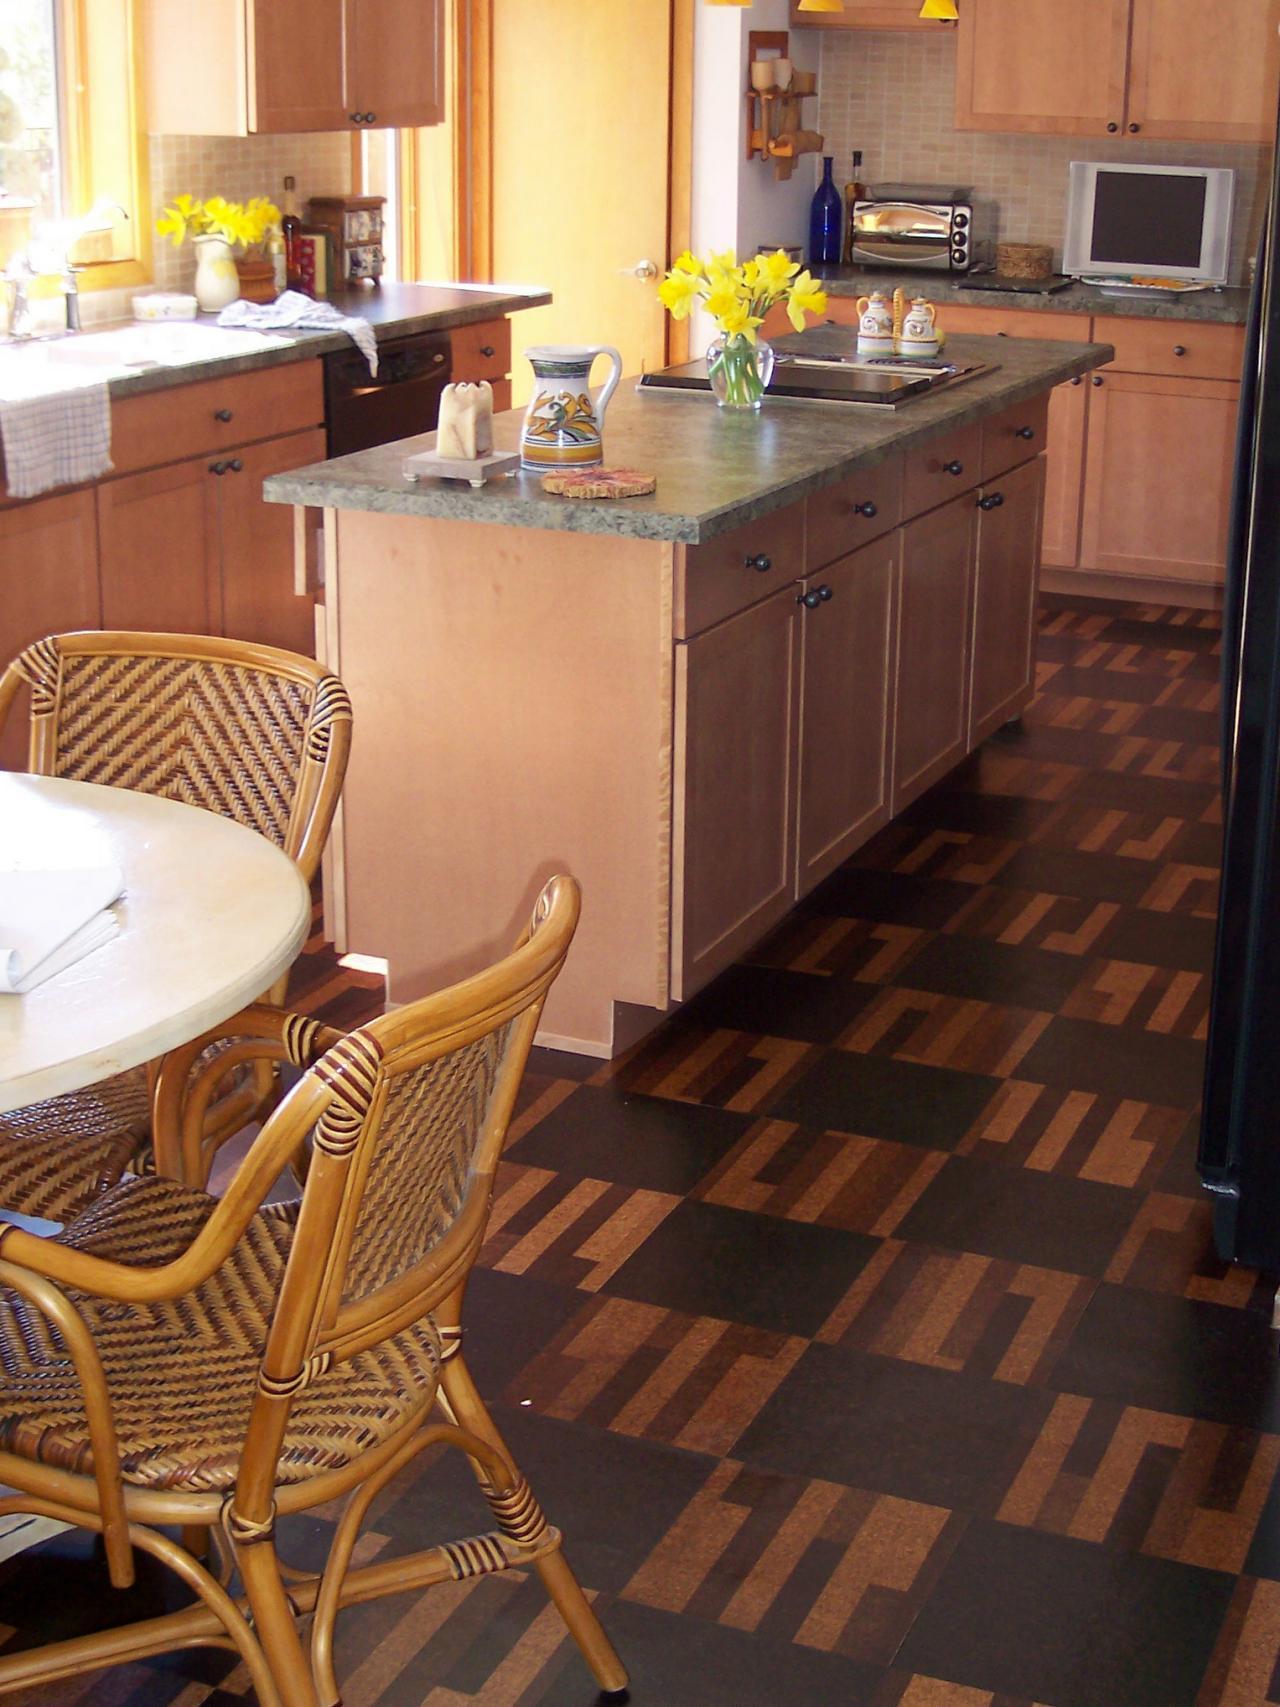 Bodenbelag Küche wie Fliesen, aber aus Kork zwei Rattan Stühle interessantes Geschirr